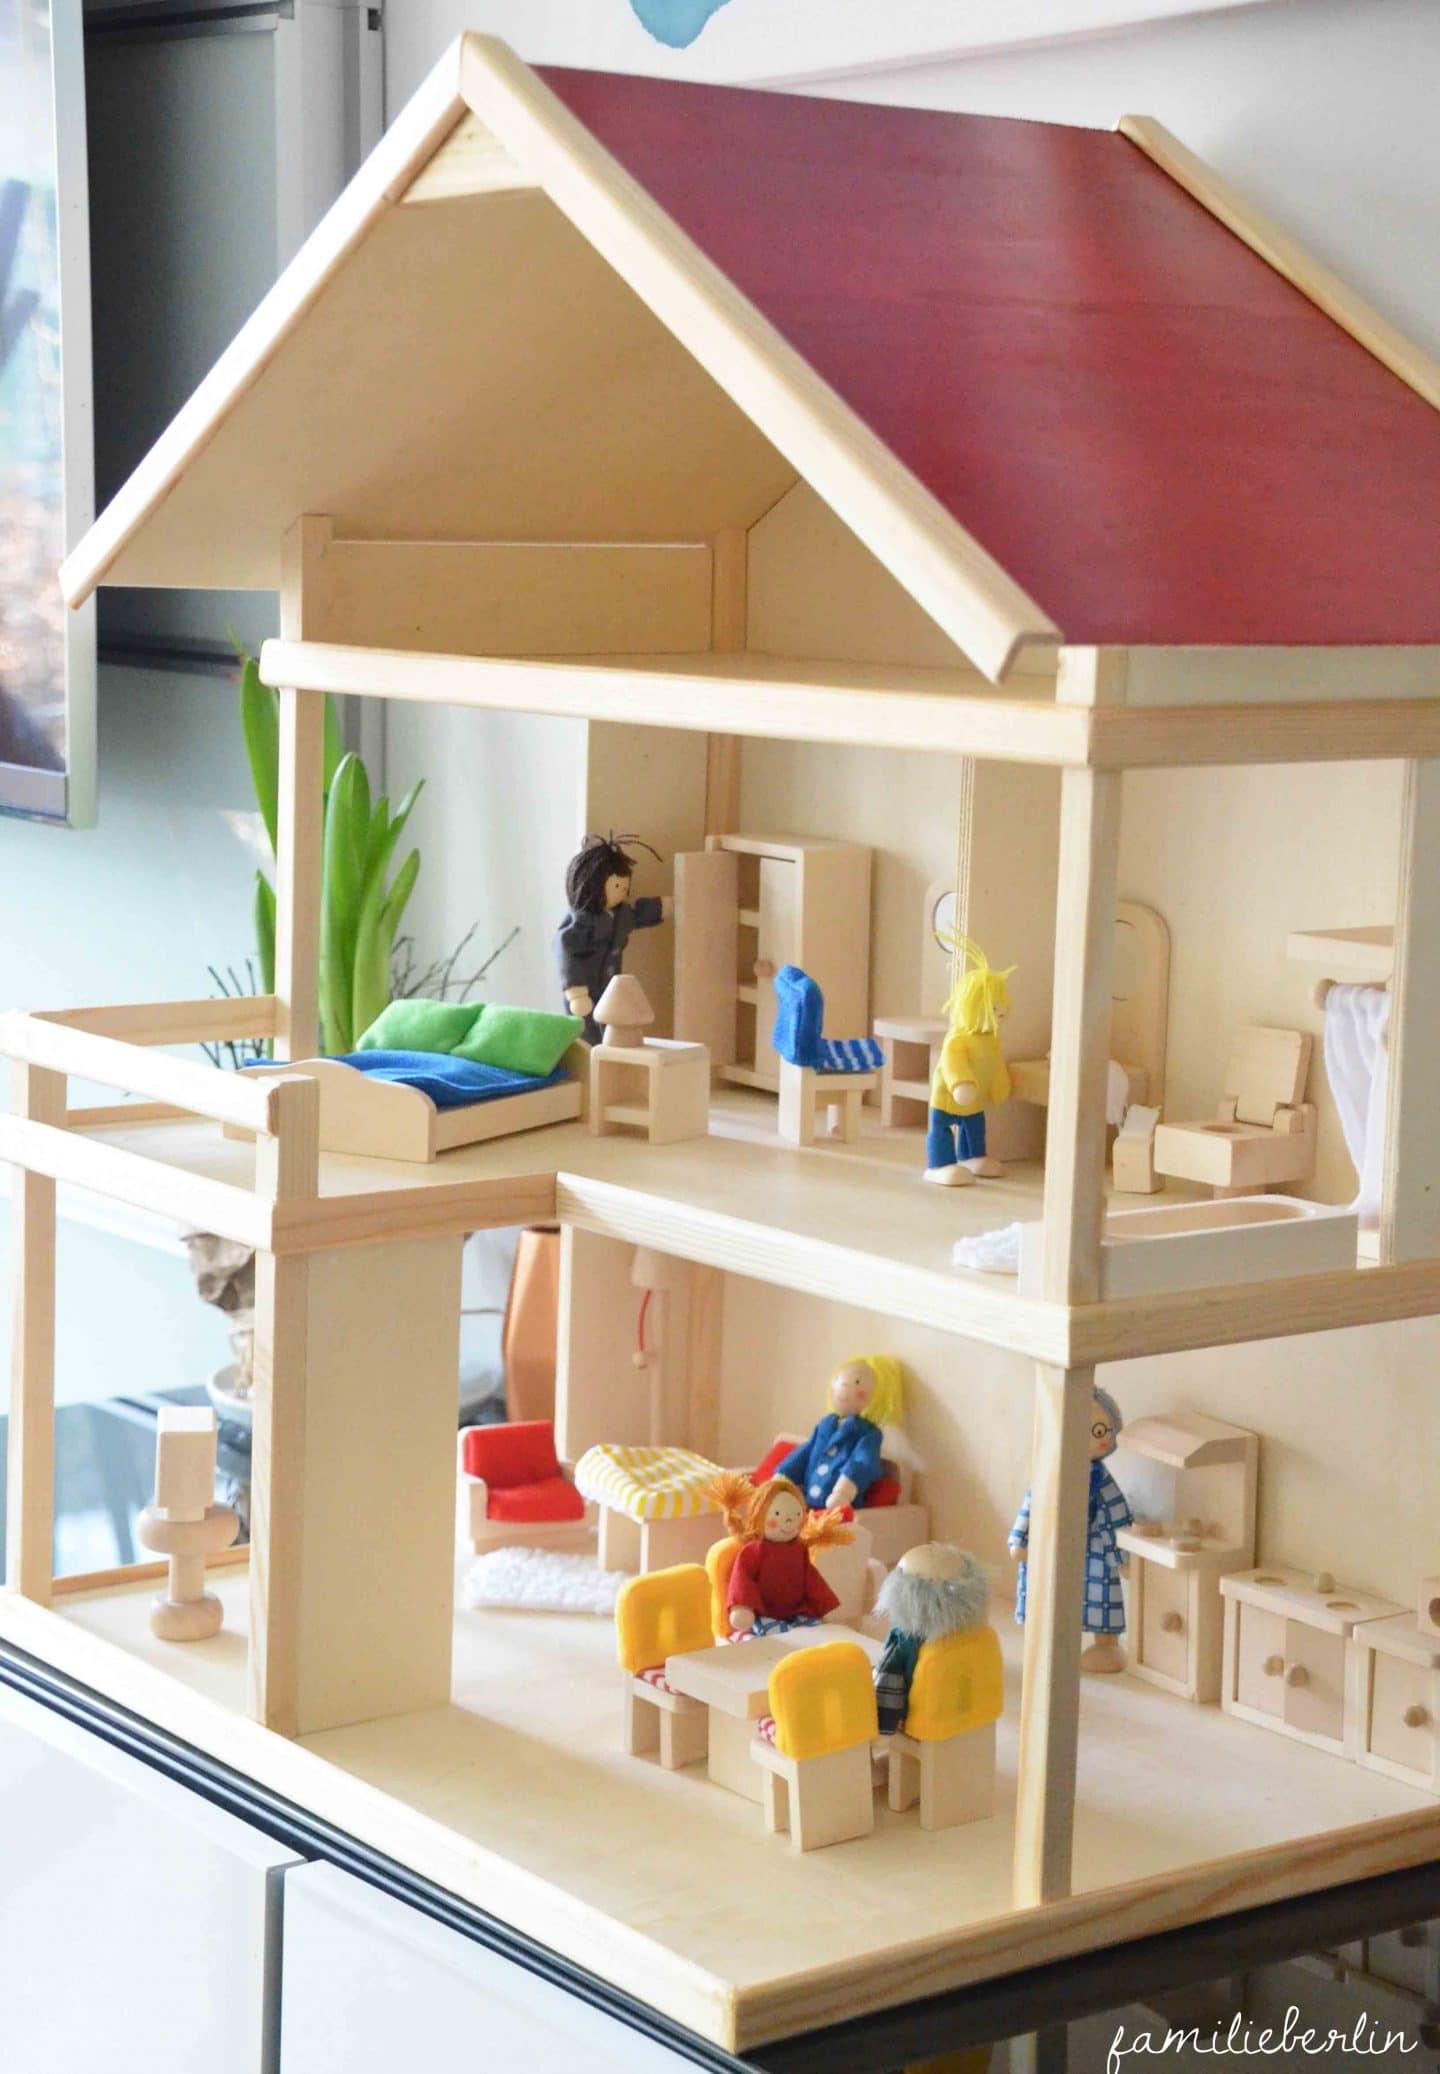 Spielzeug, DIY, Puppenhaus, Holzspielzeug, Ideen, Inspiration, Kleinkind, Rollenspiel